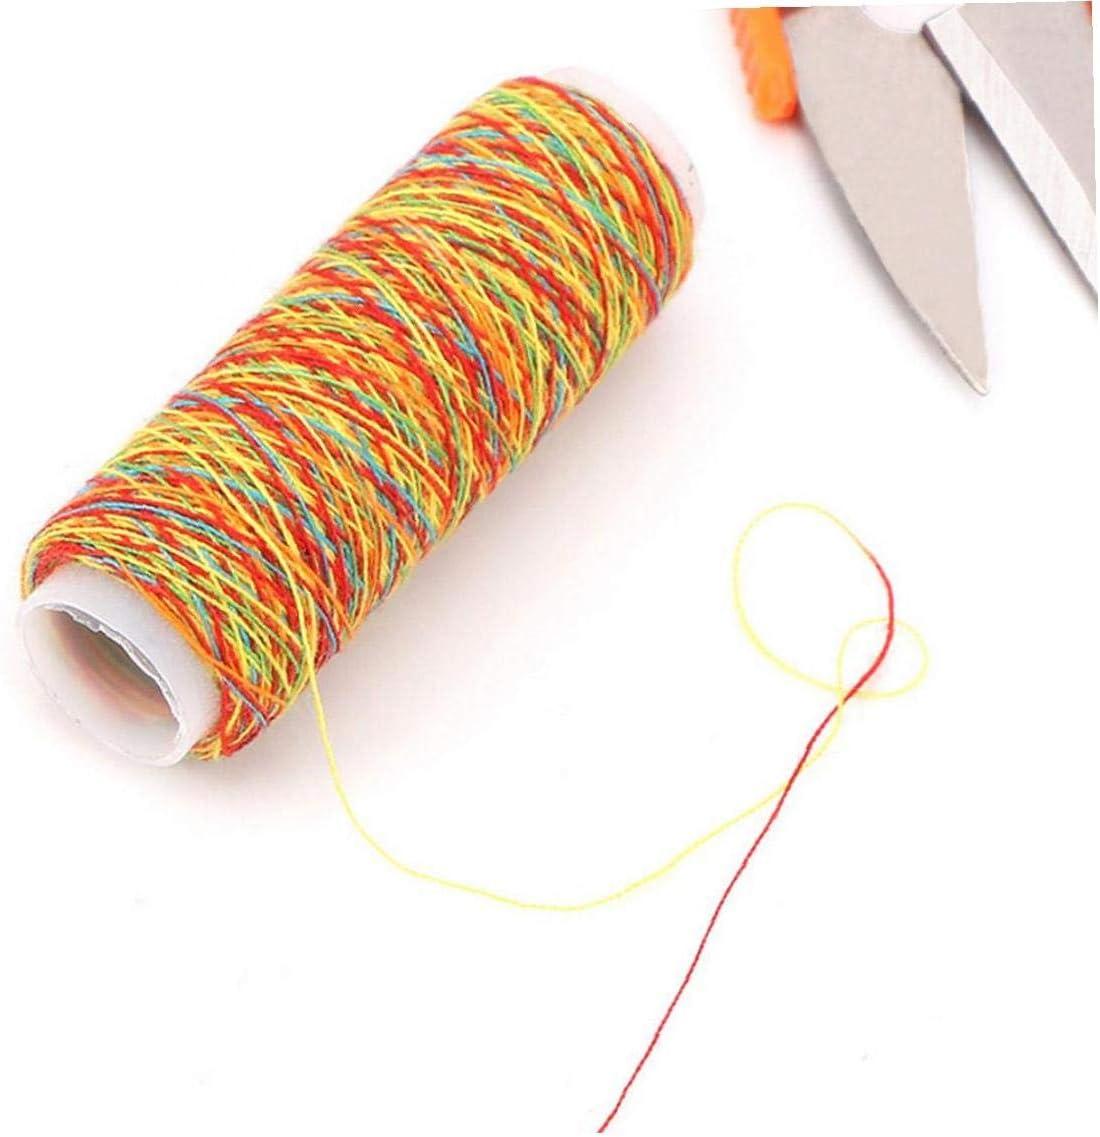 Poliestere Cucito 5pcs Discussione Per Quilting Stitching Casa Linea Di Alimentazione Per Cucire Macchina Da Cucire Discussione